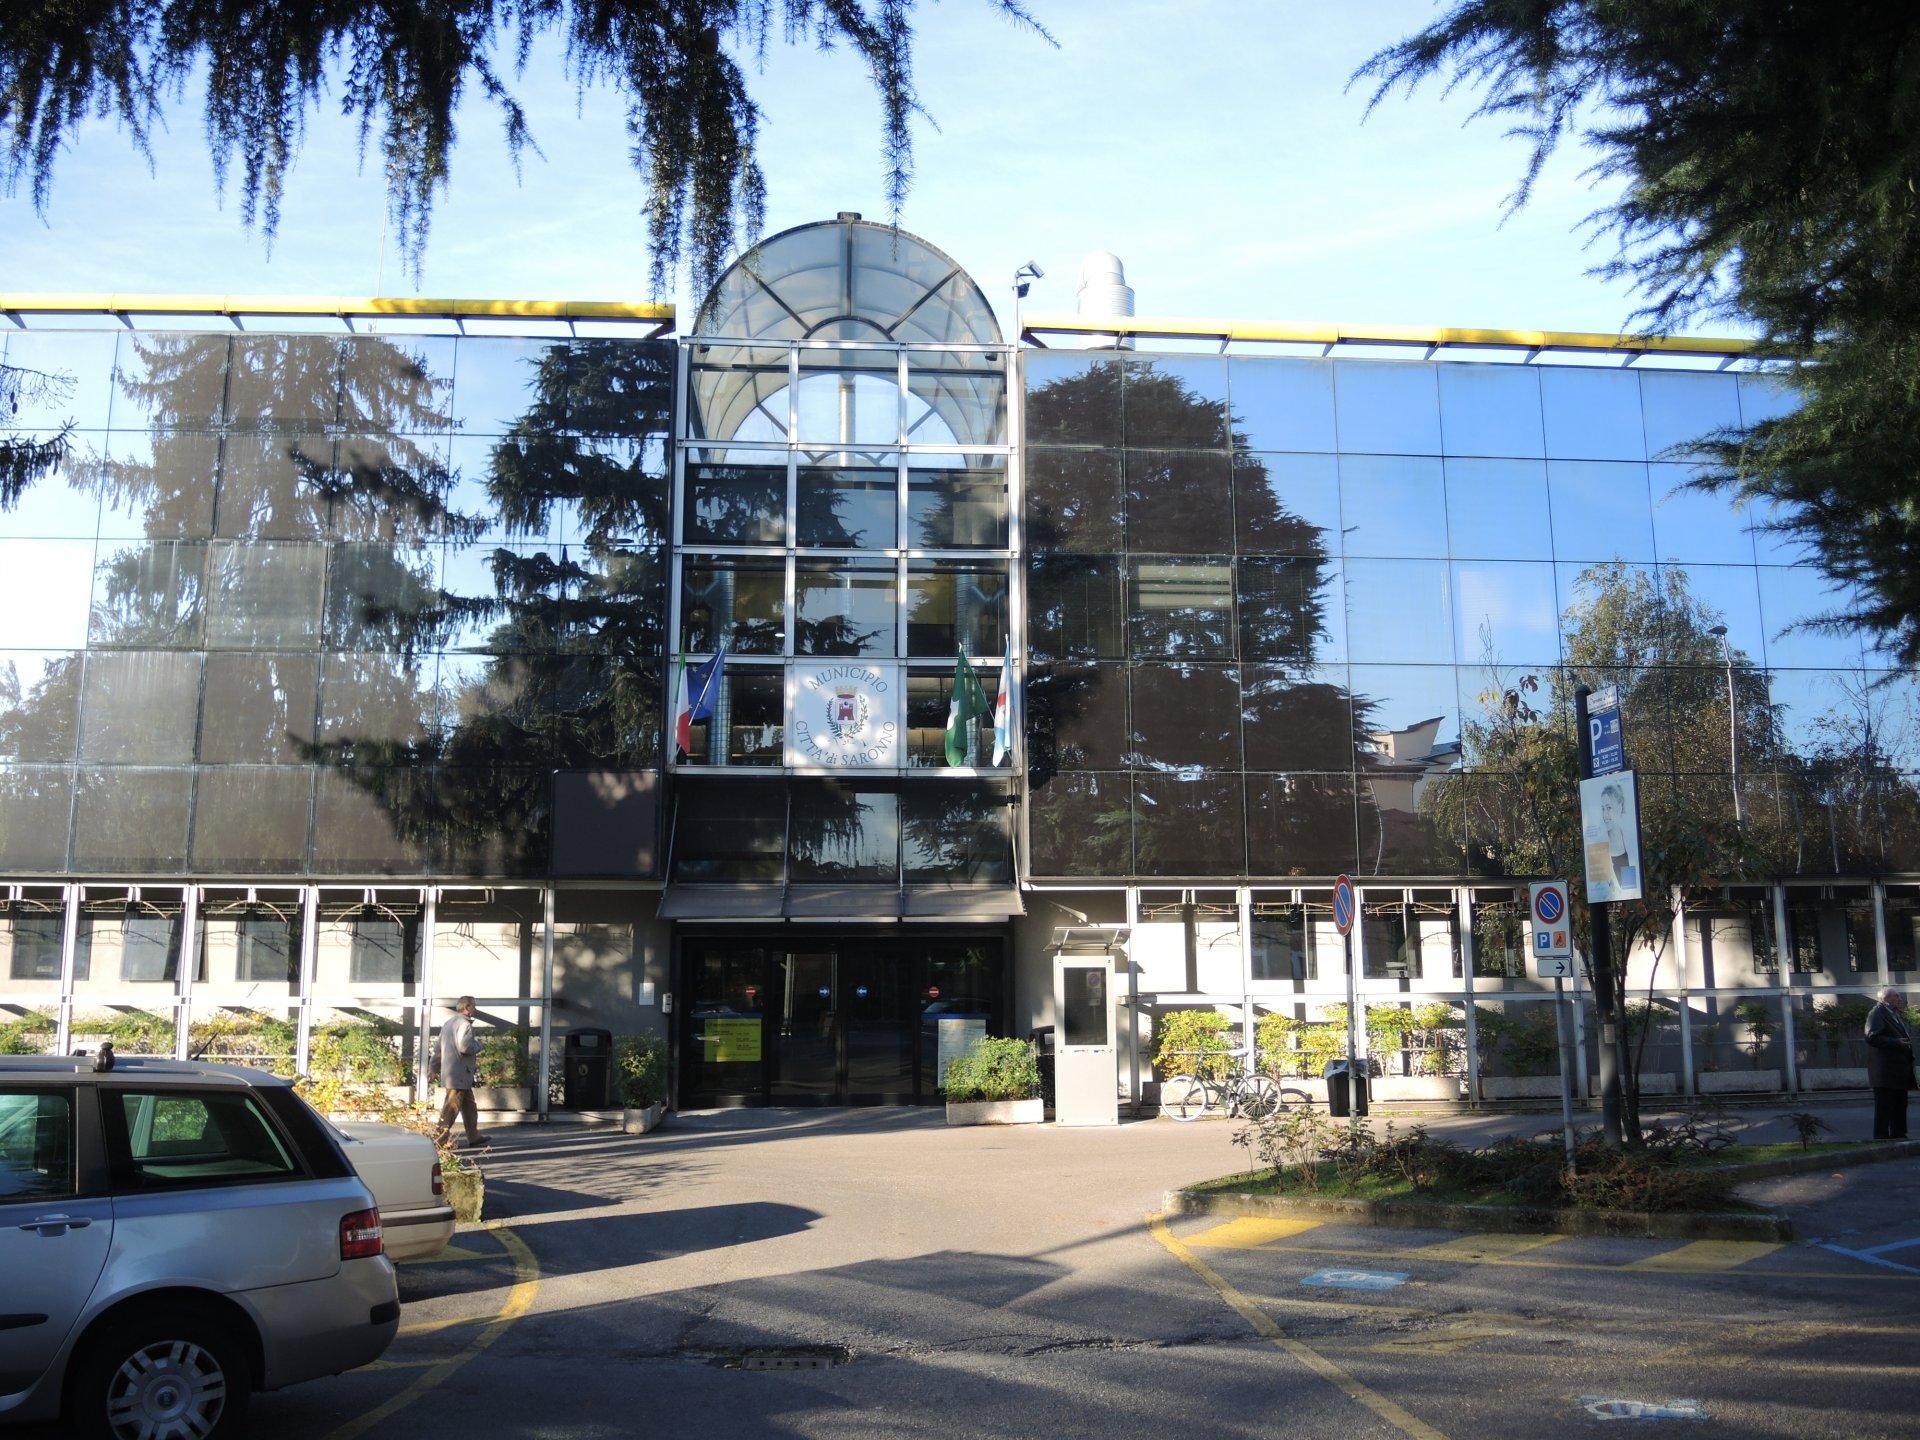 Club house il comune di saronno affida l 39 immobile for Piscina bollate